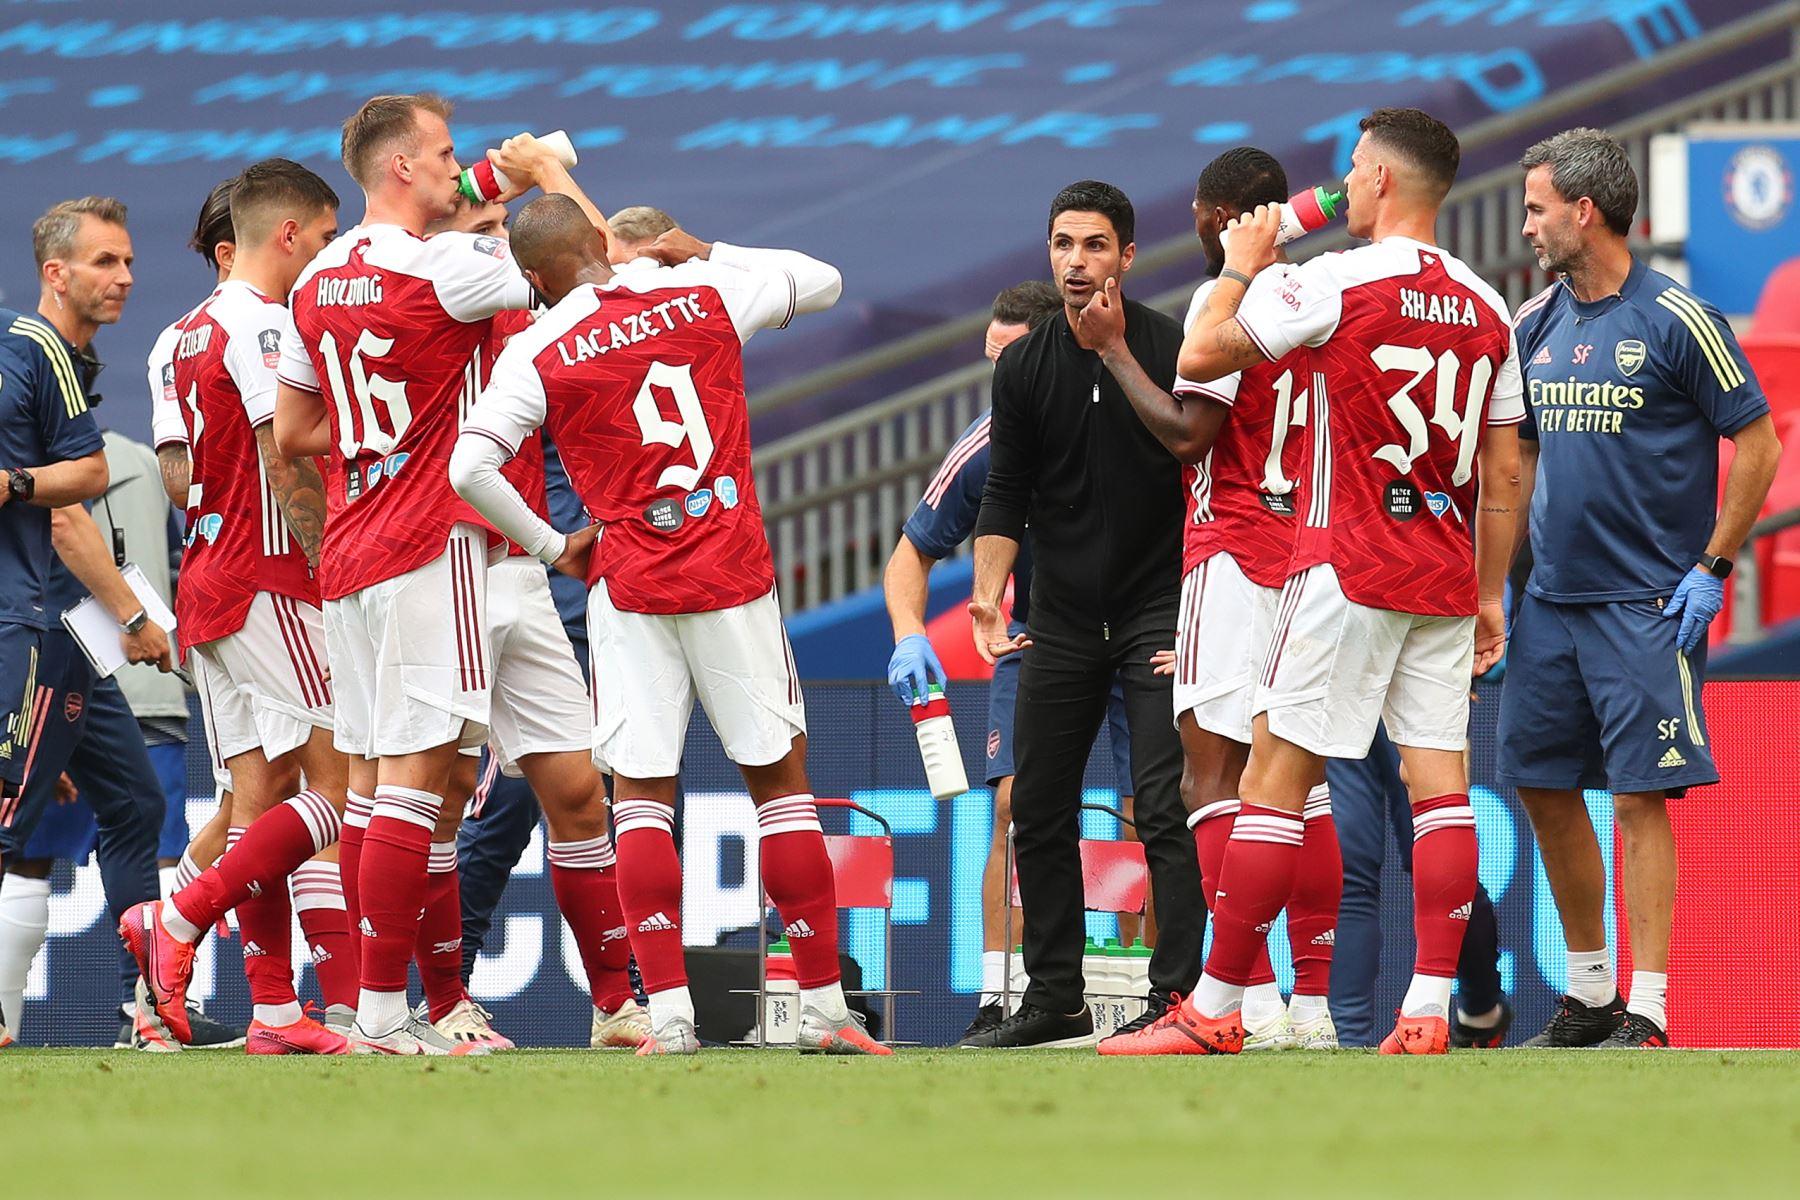 El entrenador en jefe español del Arsenal, Mikel Arteta, habla con sus jugadores durante un receso en la primera mitad del partido de fútbol final de la Copa FA inglesa entre el Arsenal y el Chelsea en el estadio de Wembley, en Londres. Foto: AFP